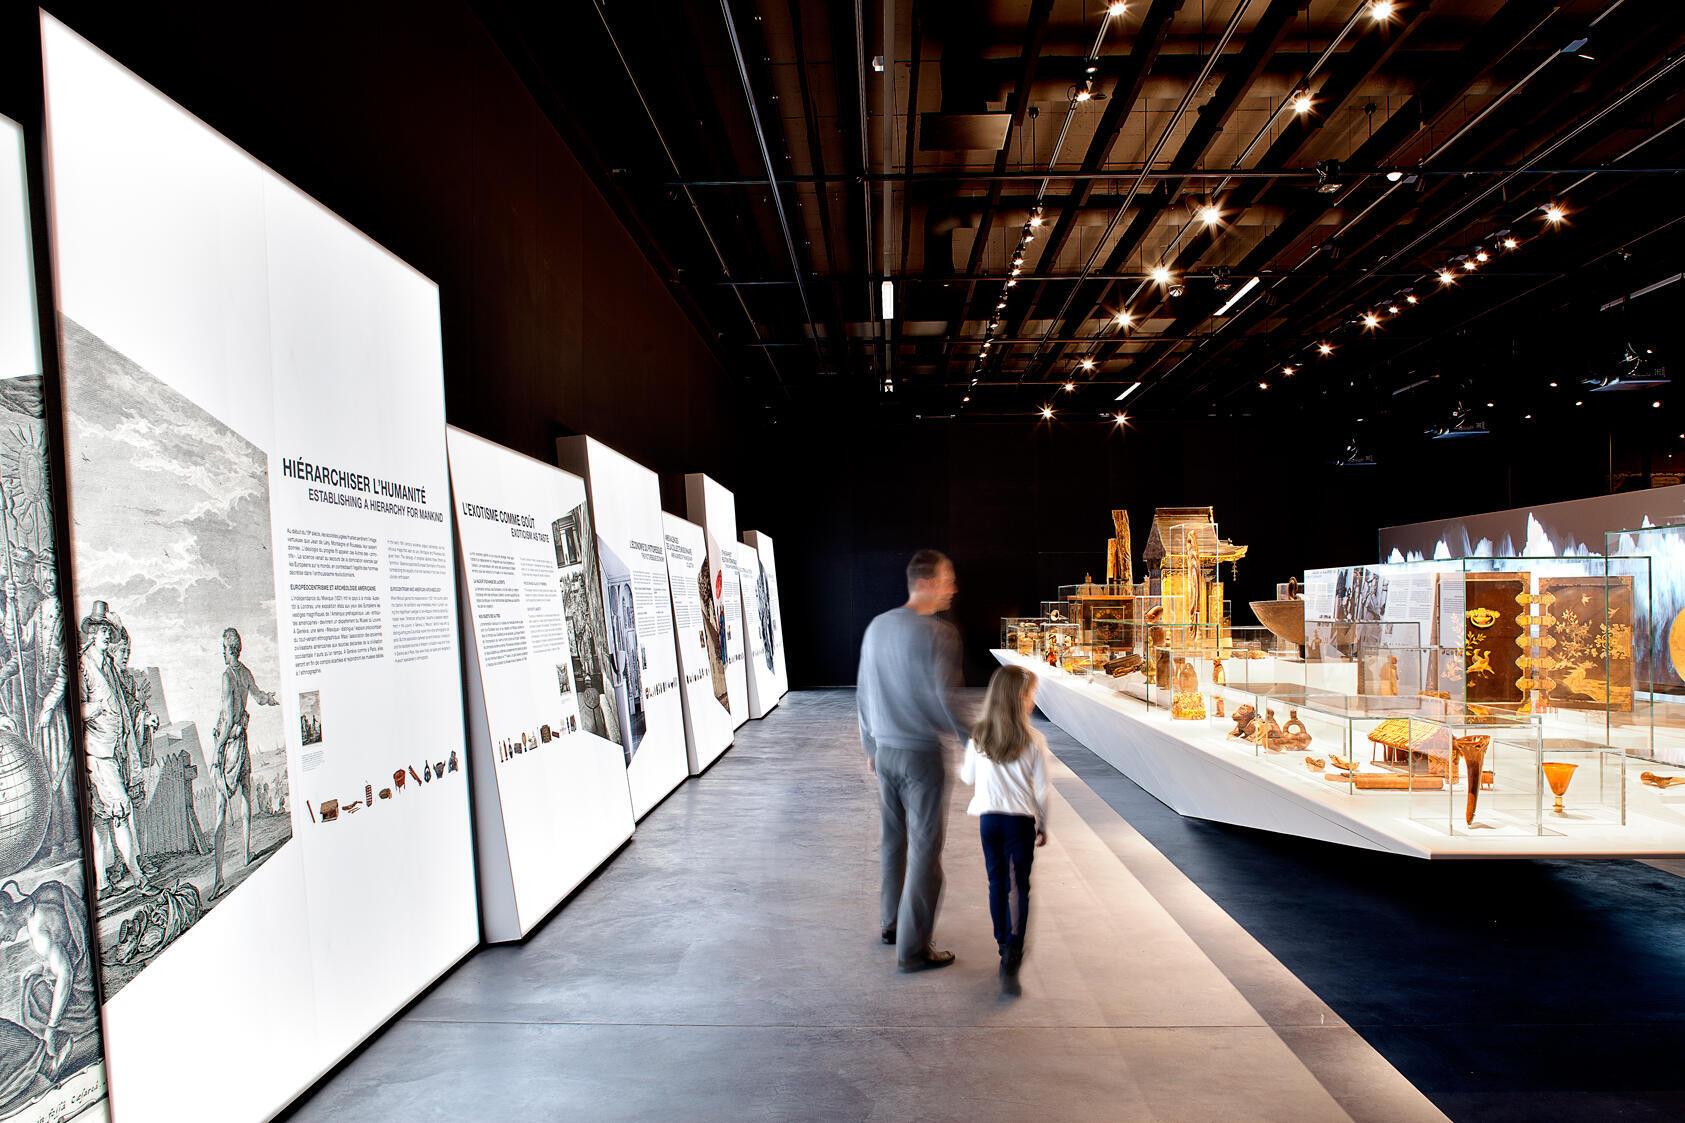 Le Musée d'ethnographie de Genève en Suisse rouvre après quatre années de travaux.